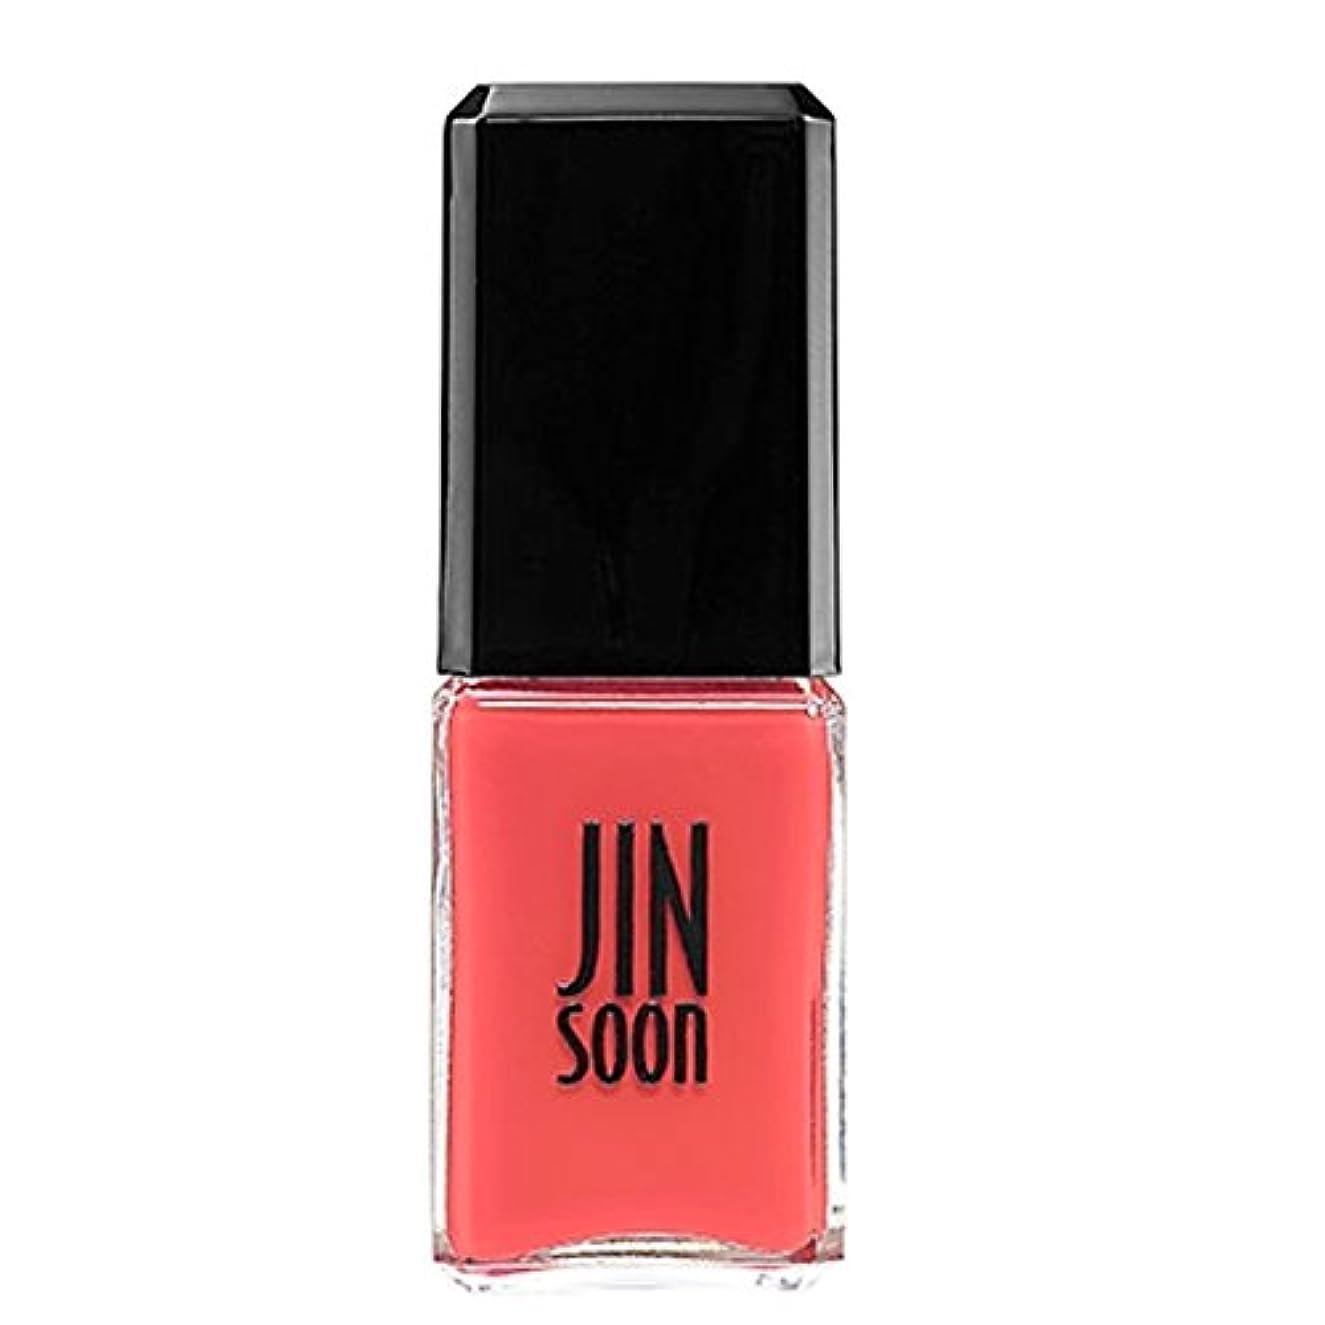 [ジンスーン] [ jinsoon] コーラルピオニー (ホット コーラルピンク)CORAL PEONY ジンスーン 5フリー ネイルポリッシュ ピンク 11mL